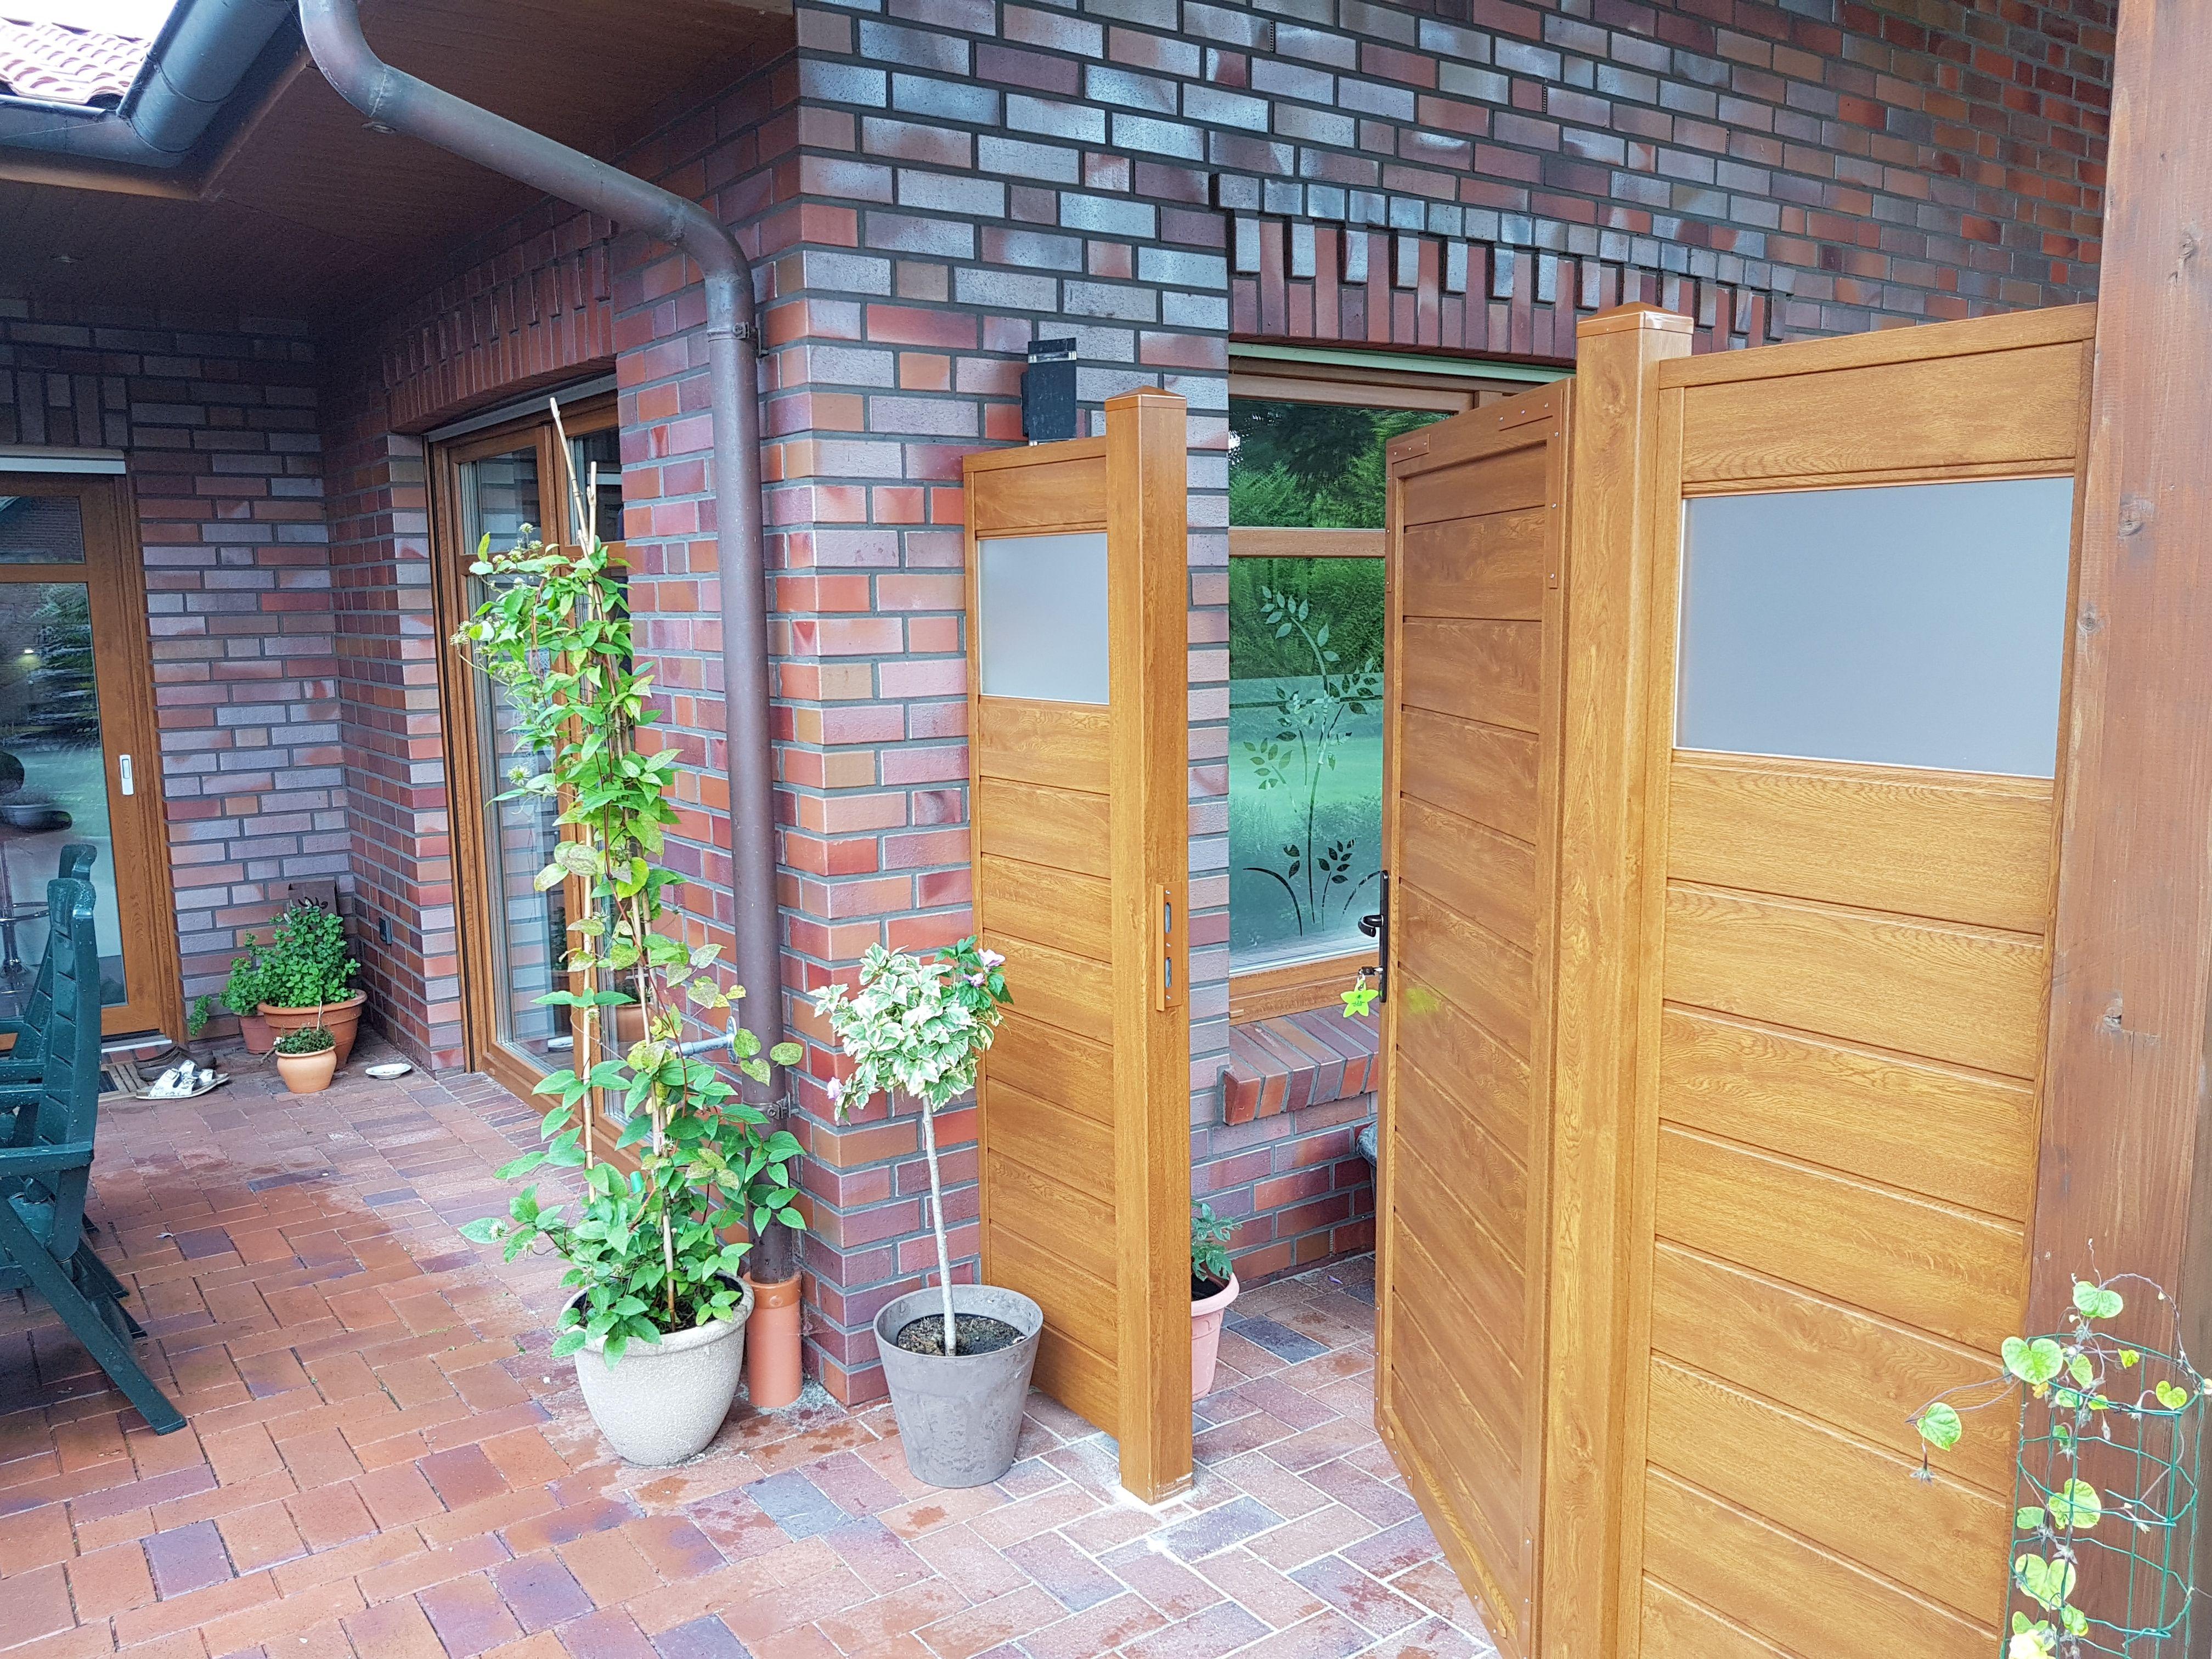 Sichtschutzzaun Bausatz Zum Selber Bauen Aus Fensterkunststoff In